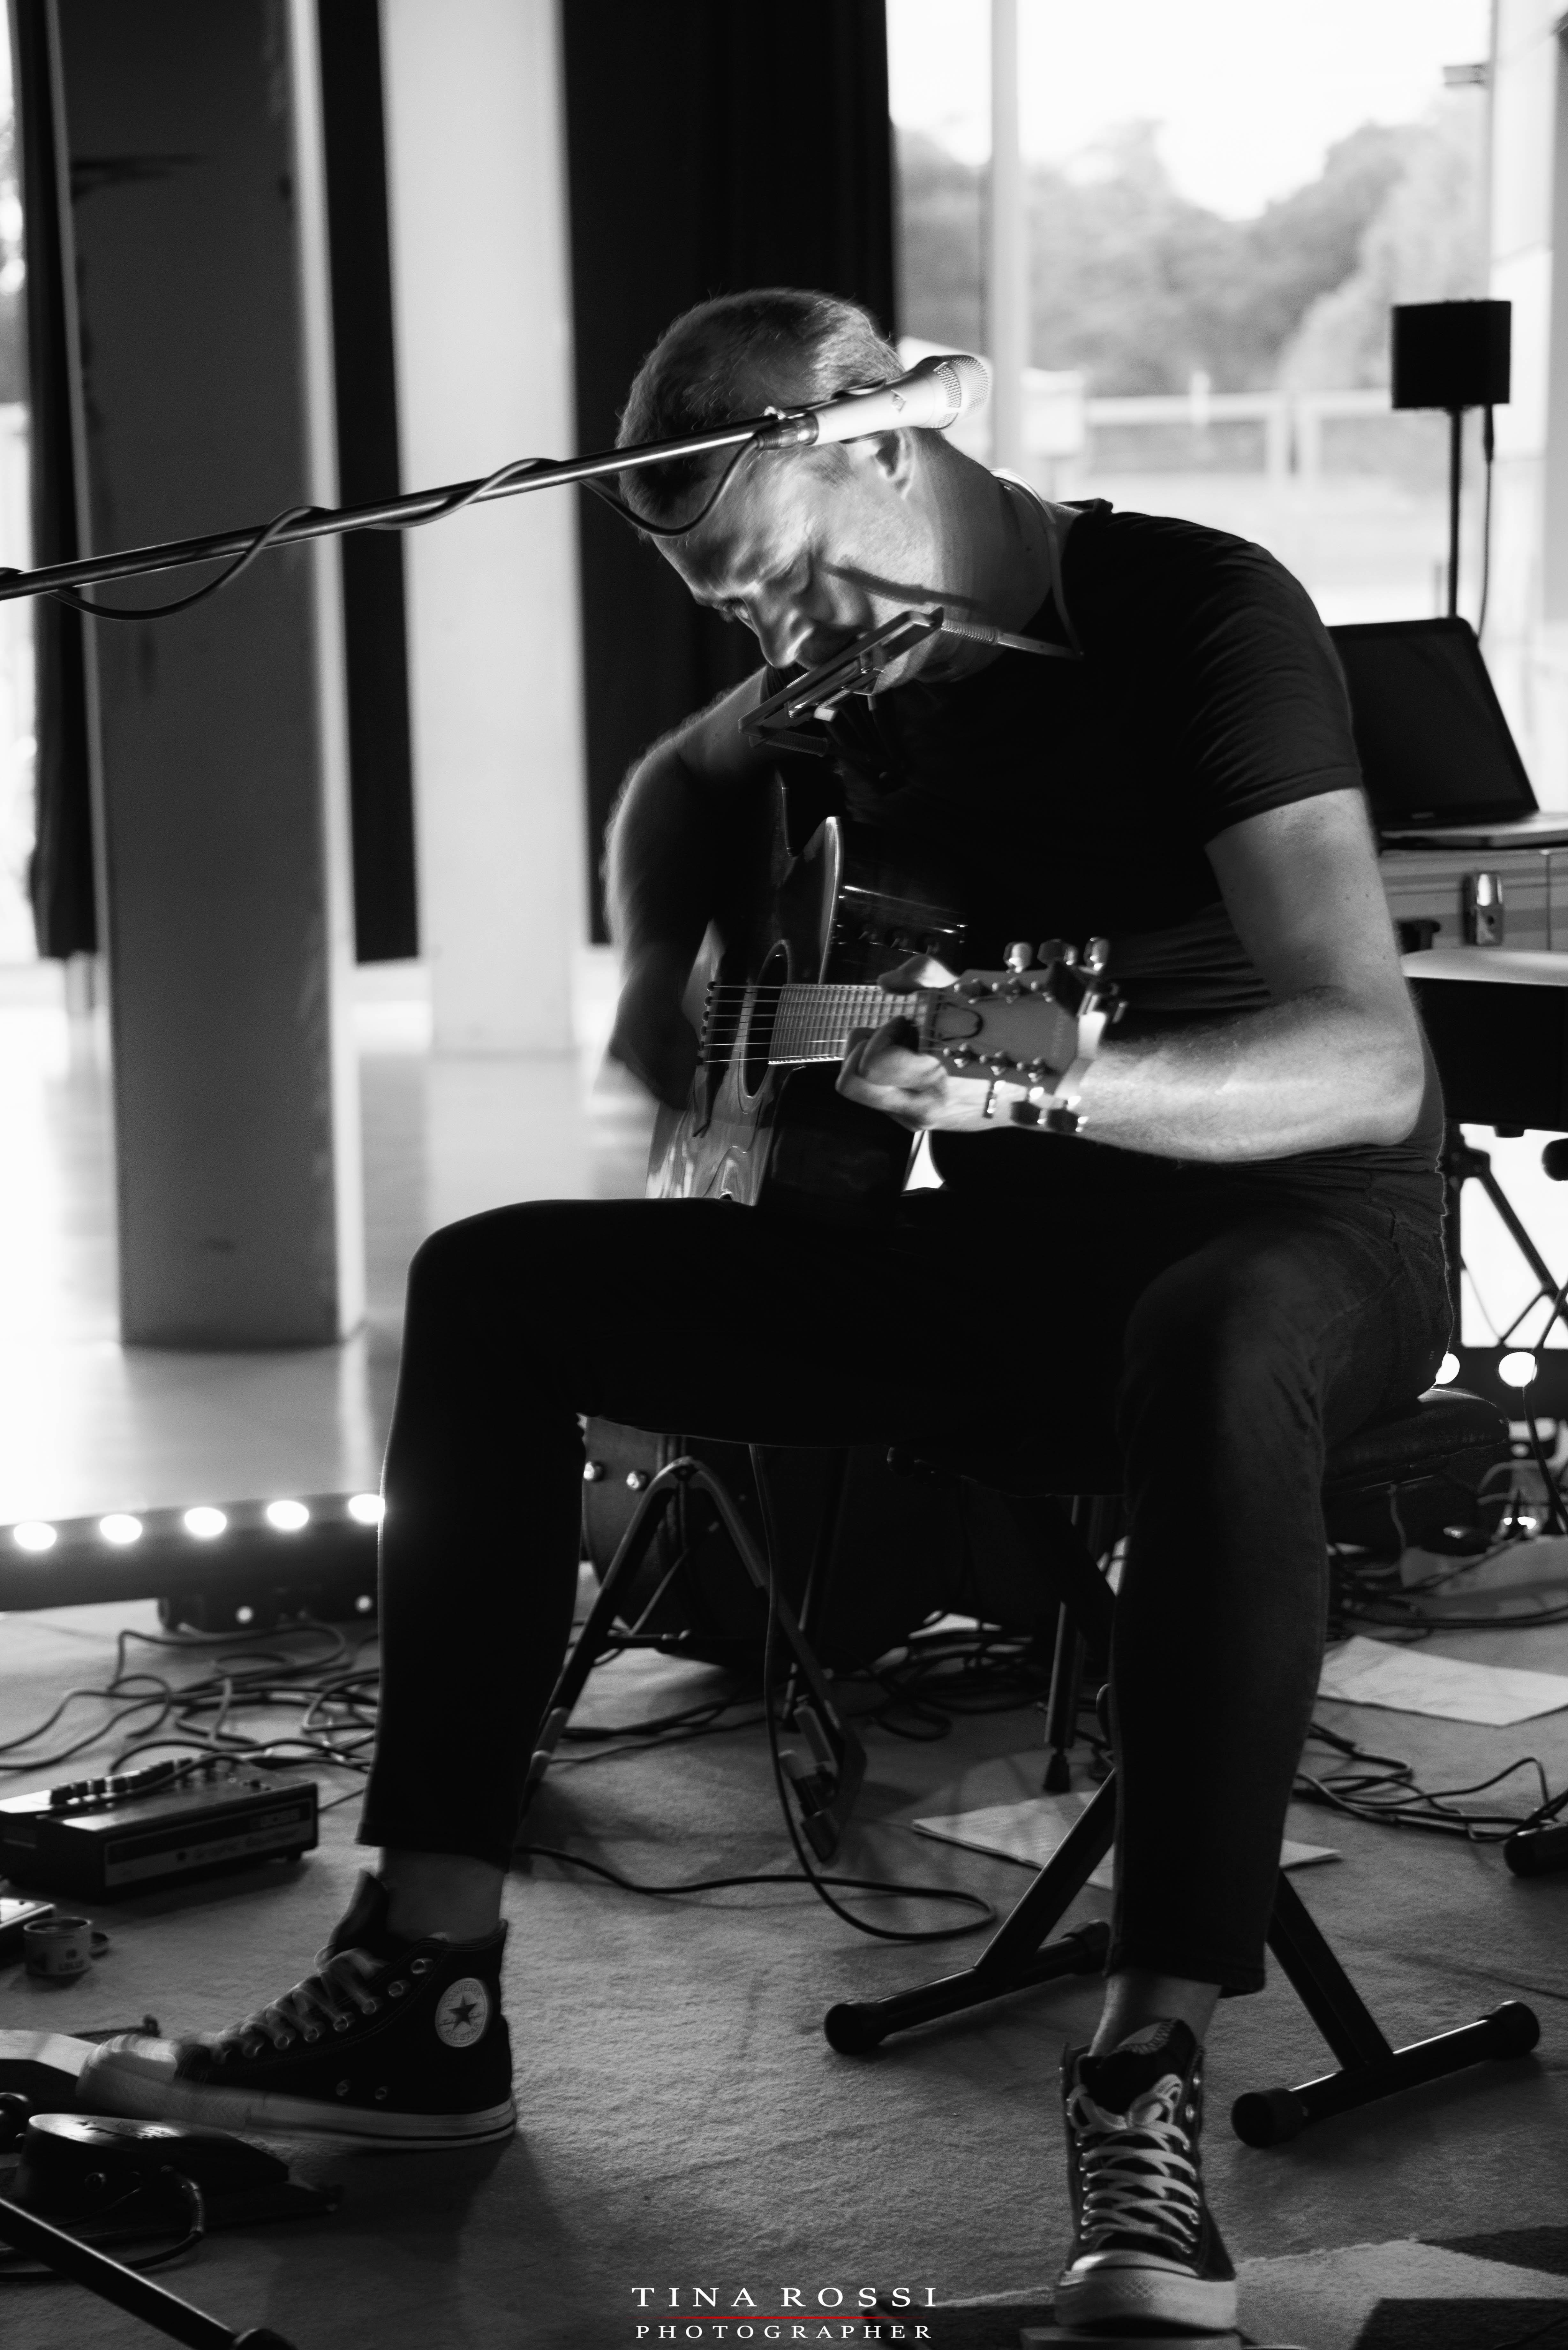 Alex D'Herin live nella foto in bianco e nero seduto davanti a un microfono con chitarra in mano